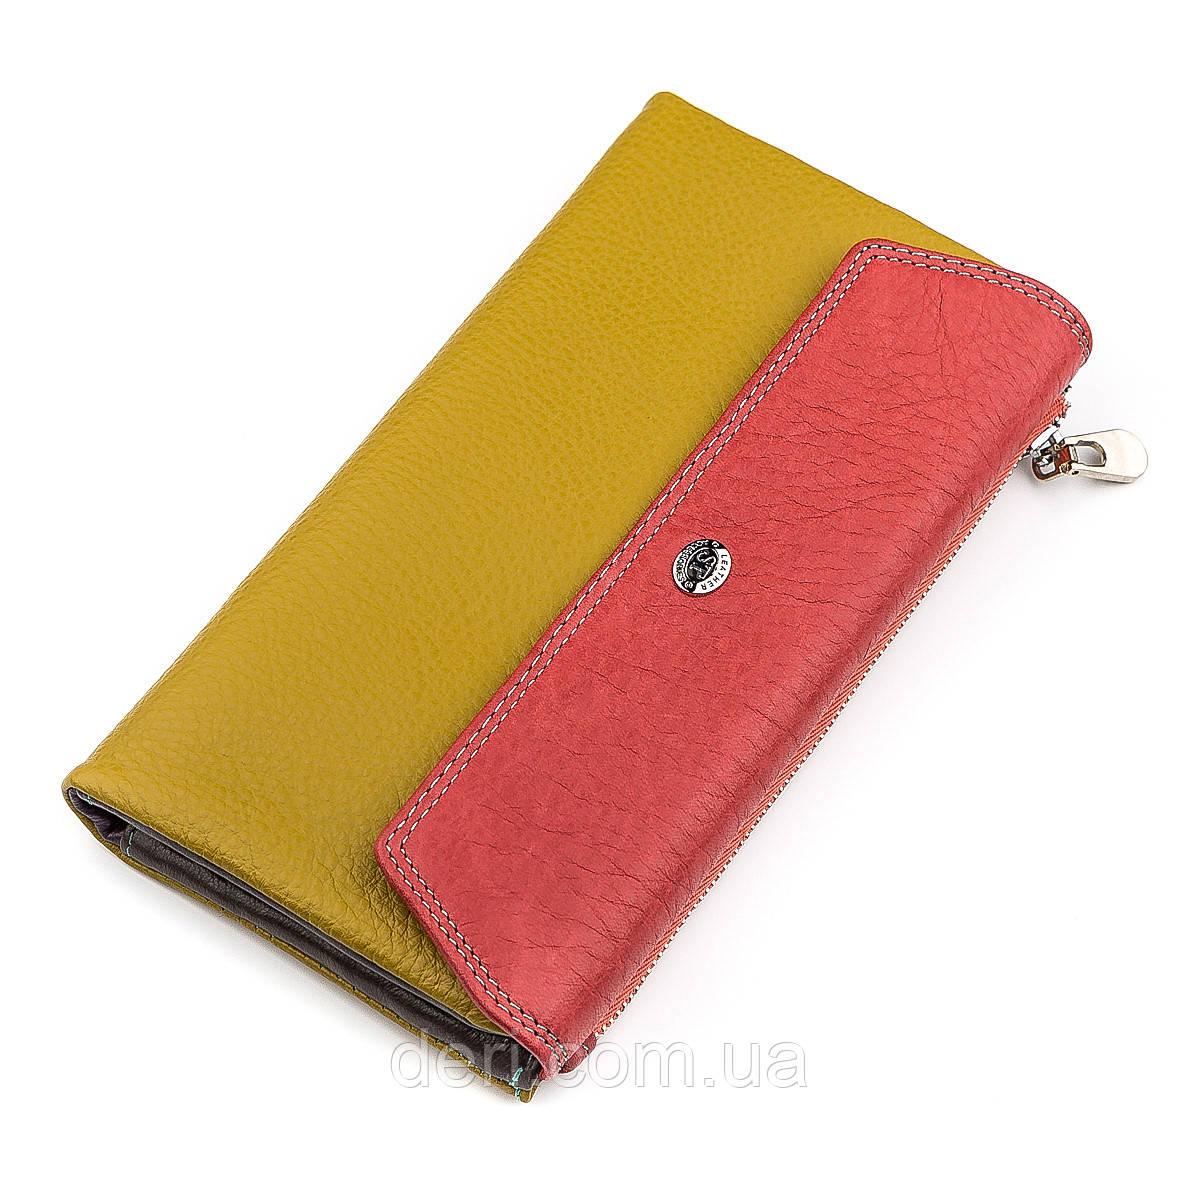 Вместительный женский кошелек розовый